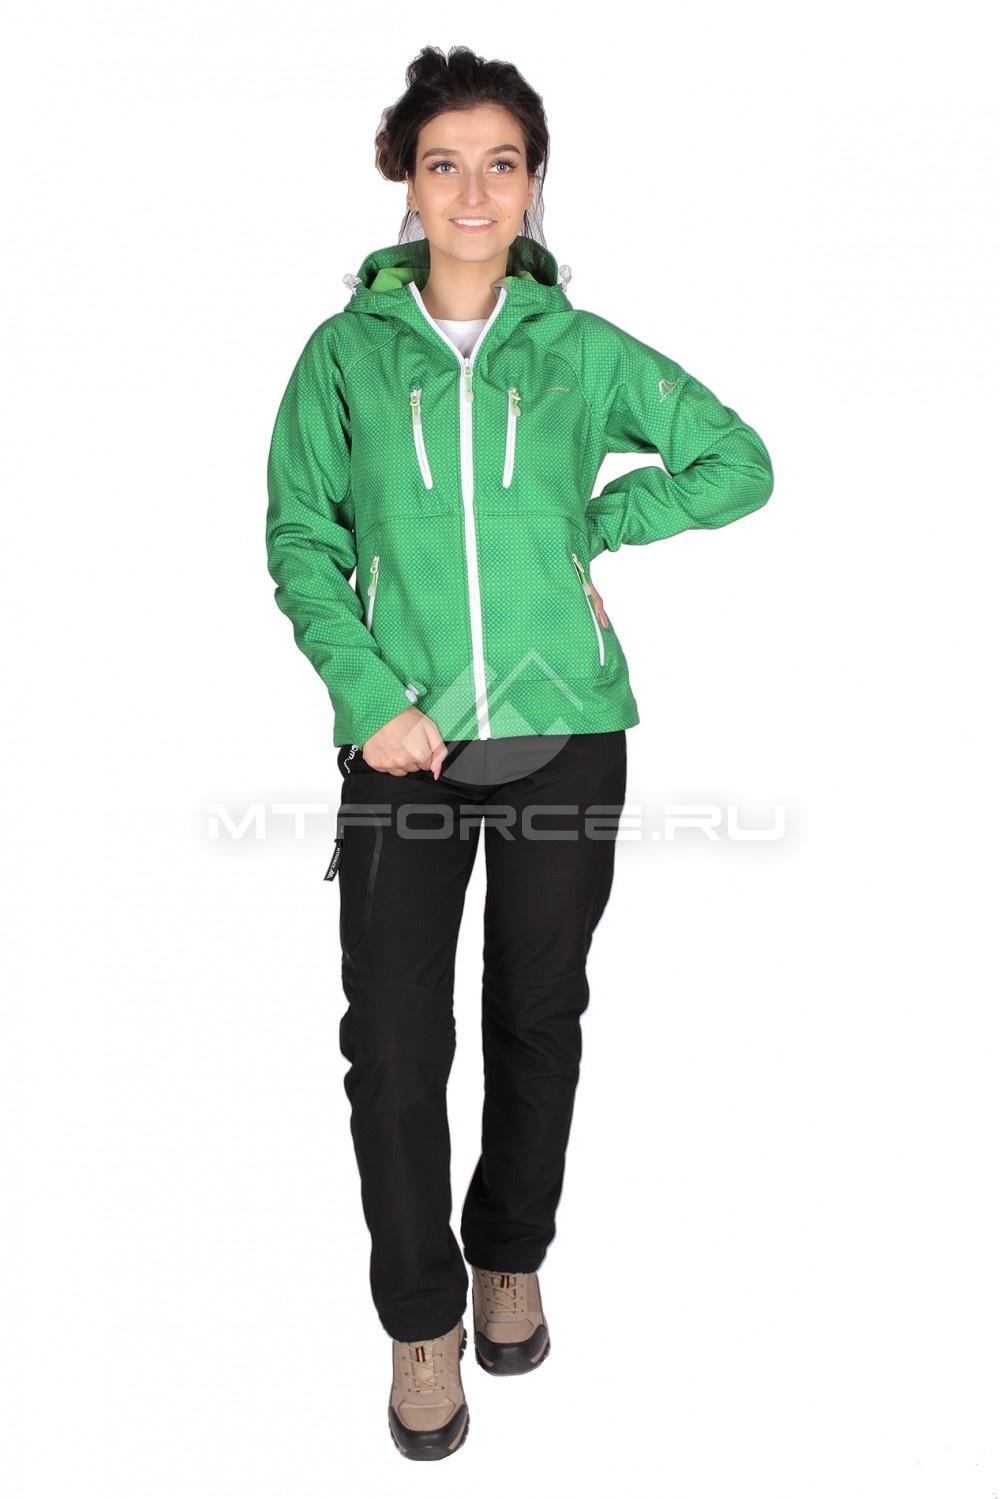 Купить                                  оптом Костюм виндстопер женский зеленого цвета 01736Z в Санкт-Петербурге